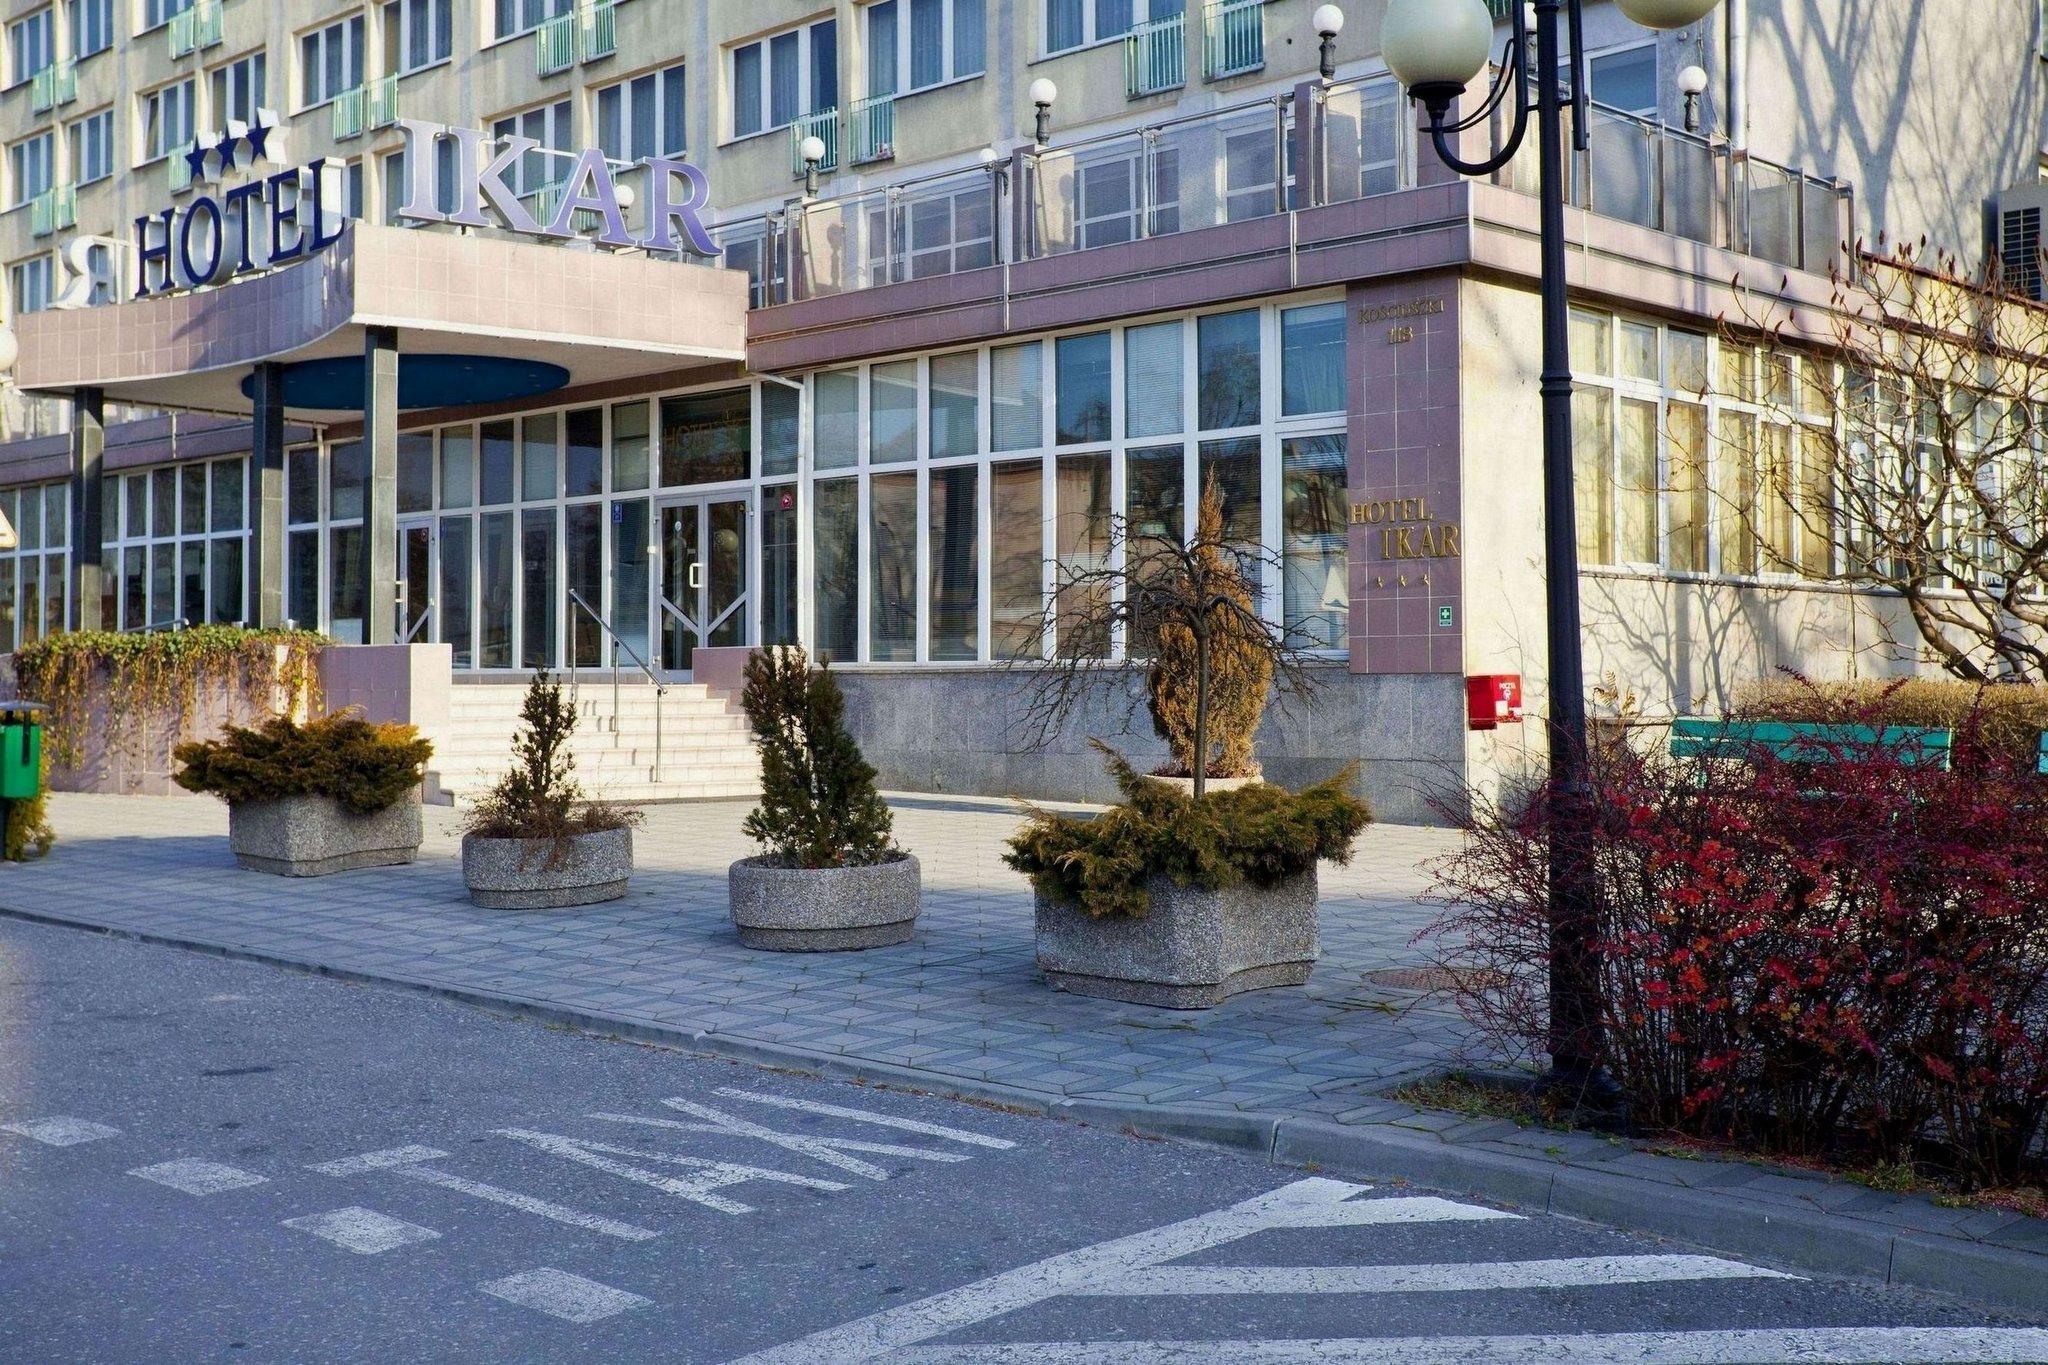 Ikar Hotel